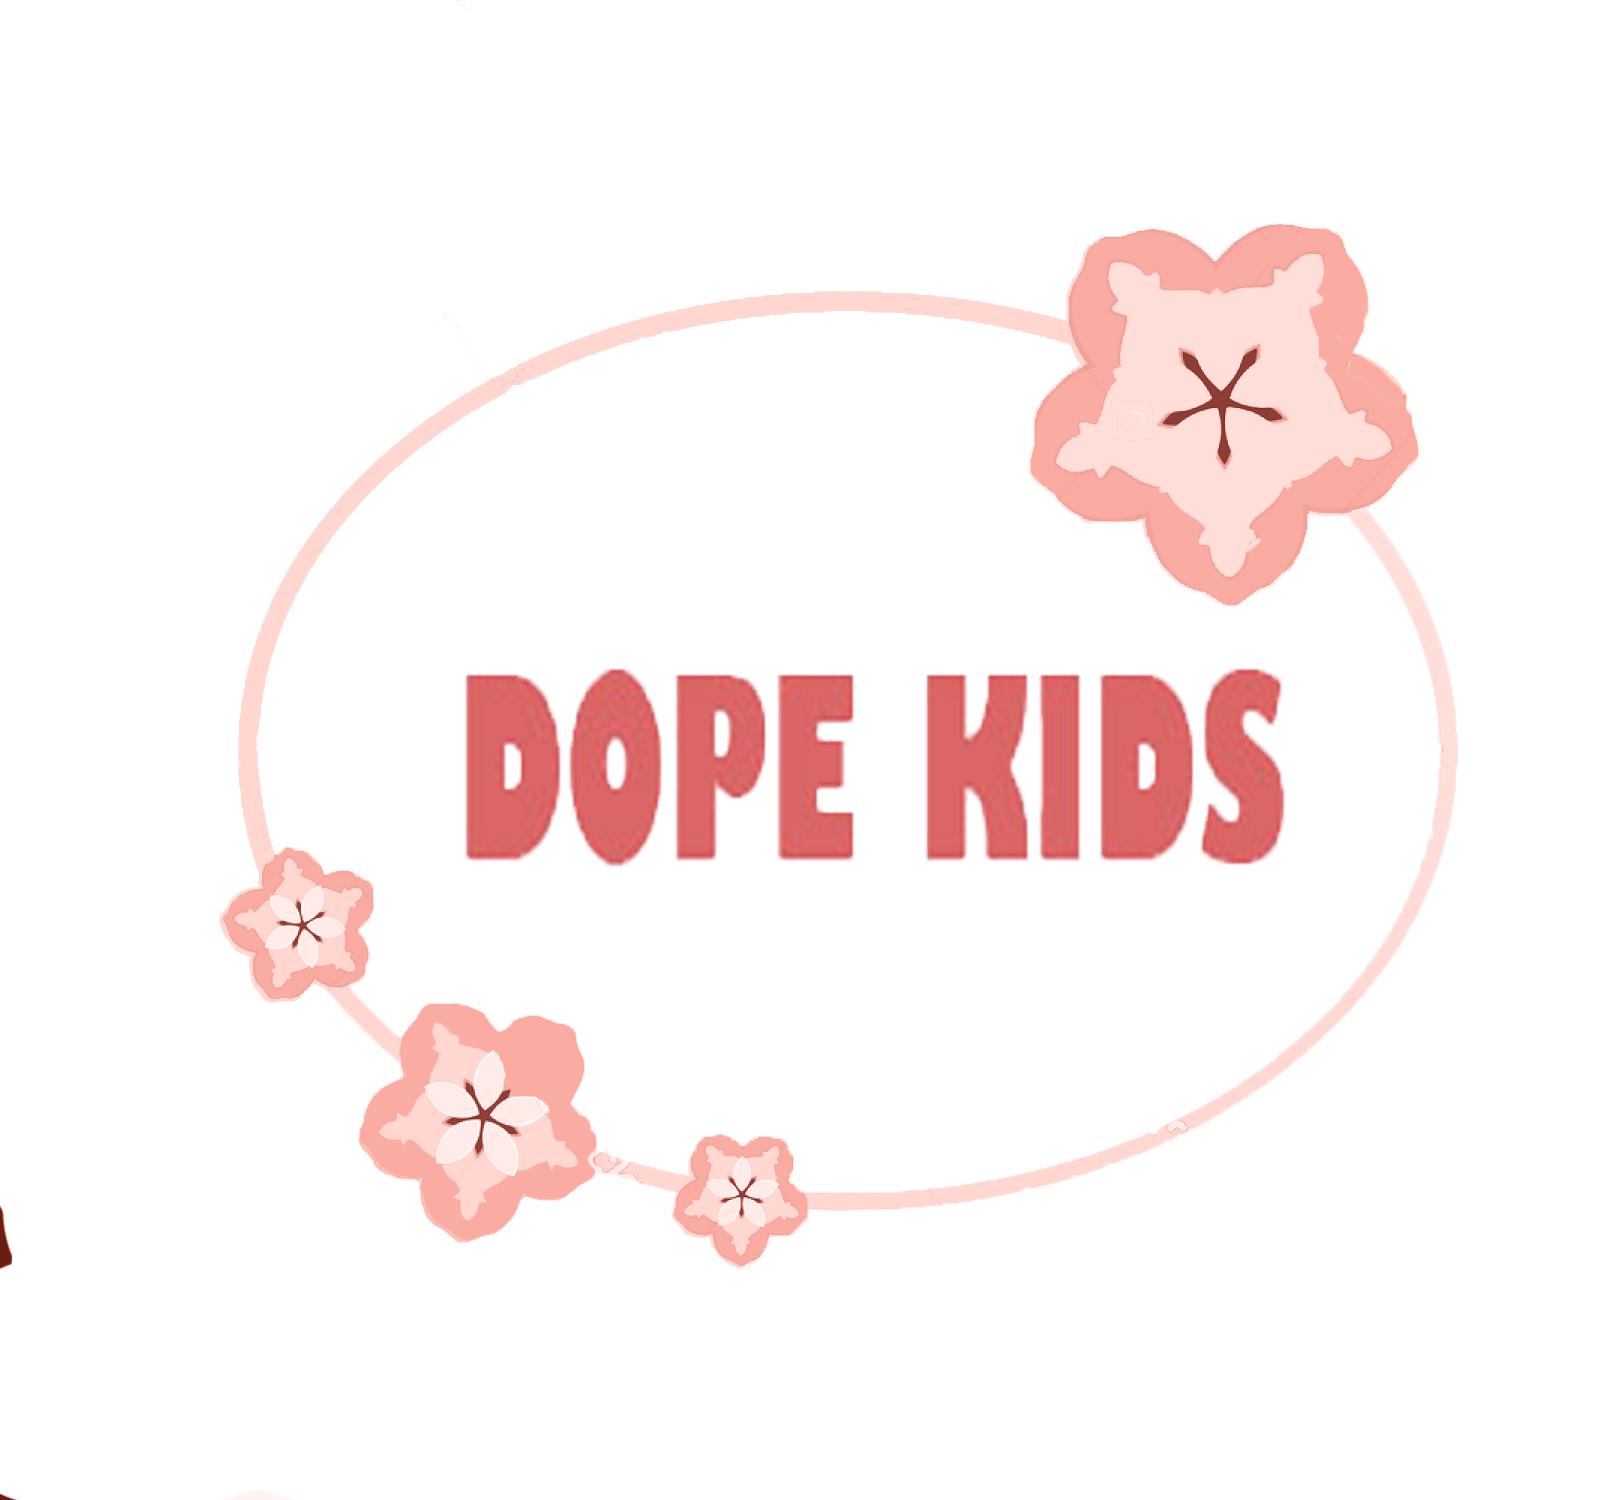 Dope Kids